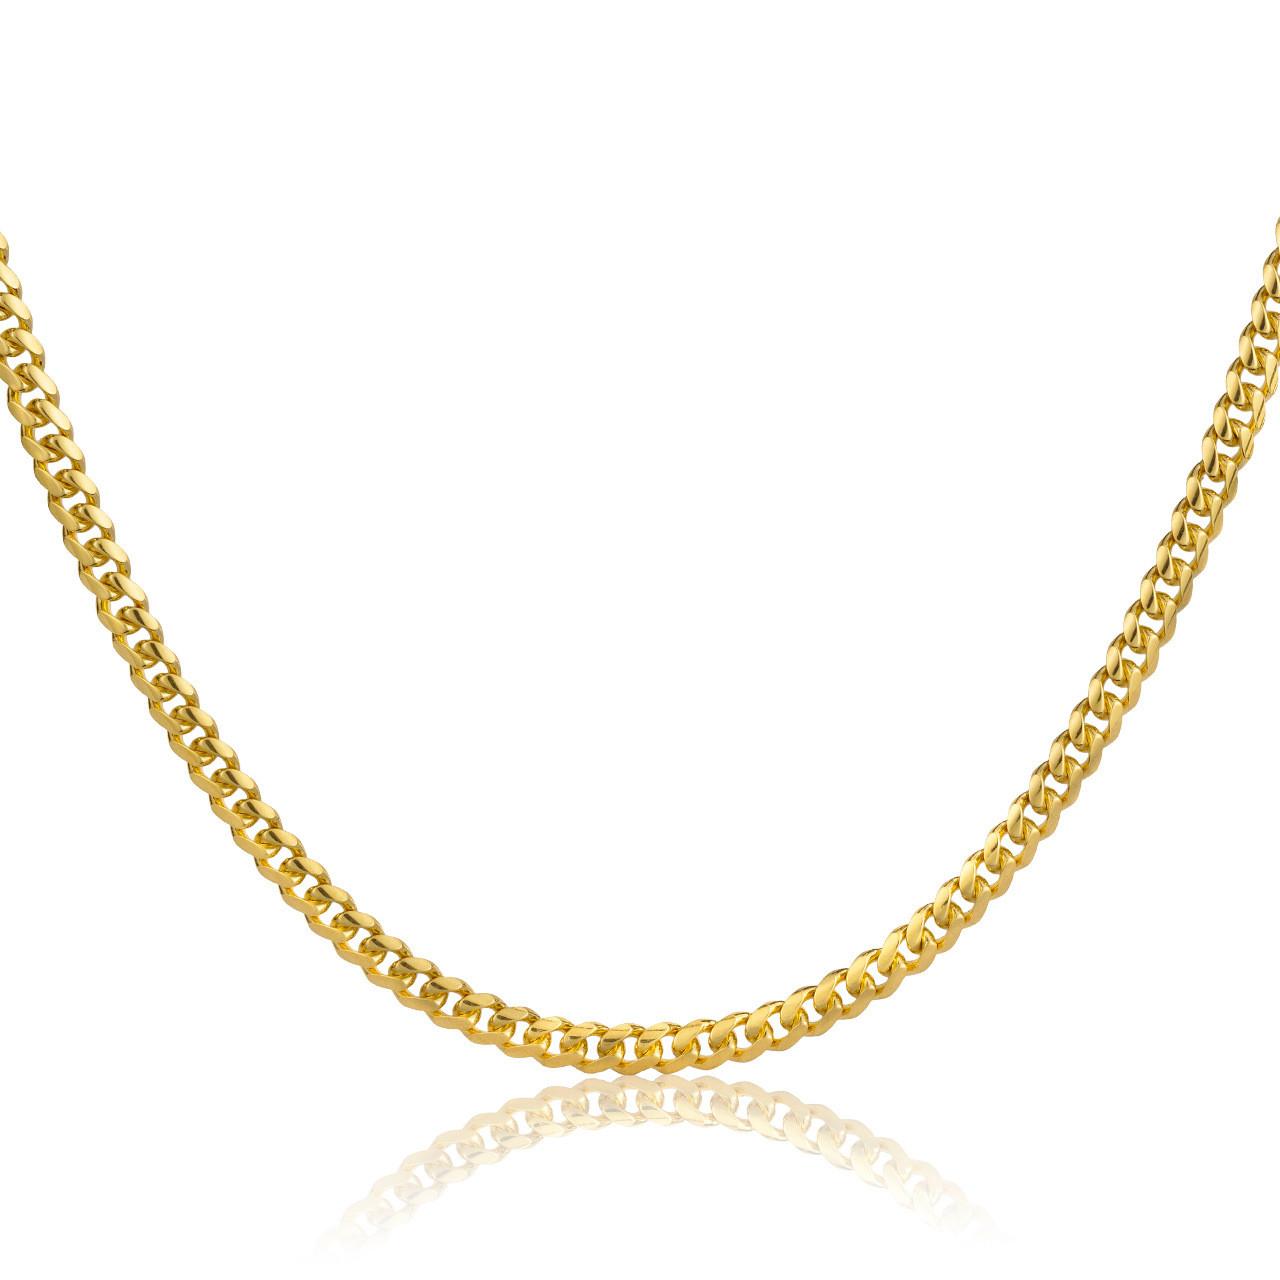 003c3242d6d83 14k Gold Miami Cuban Link Chain (2.5mm)